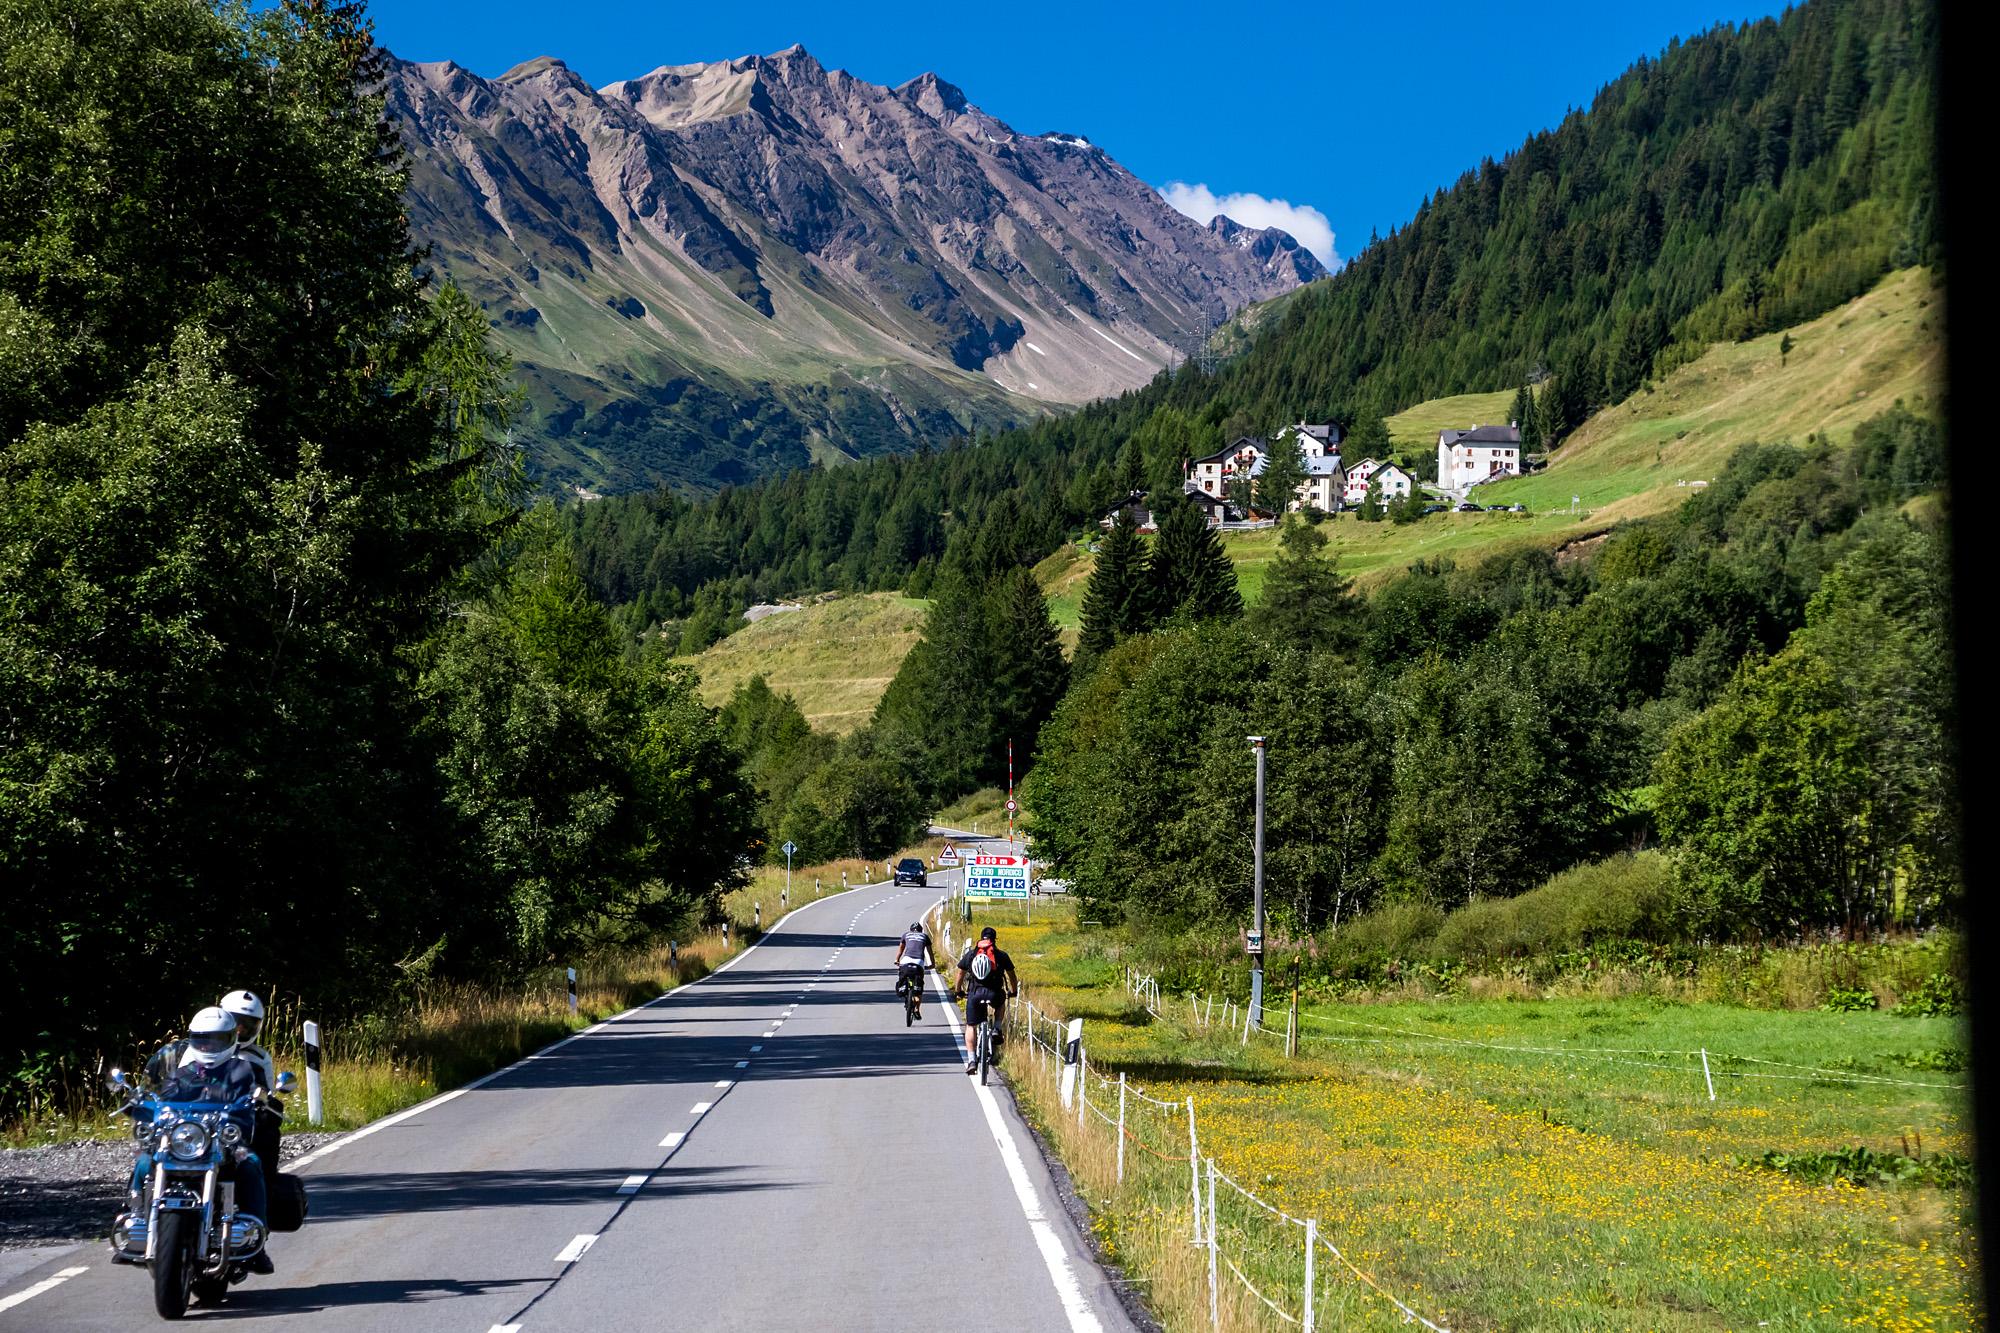 Wir sind zwar nicht ganz alleine, aber immerhin einsamer als am Gotthard :)